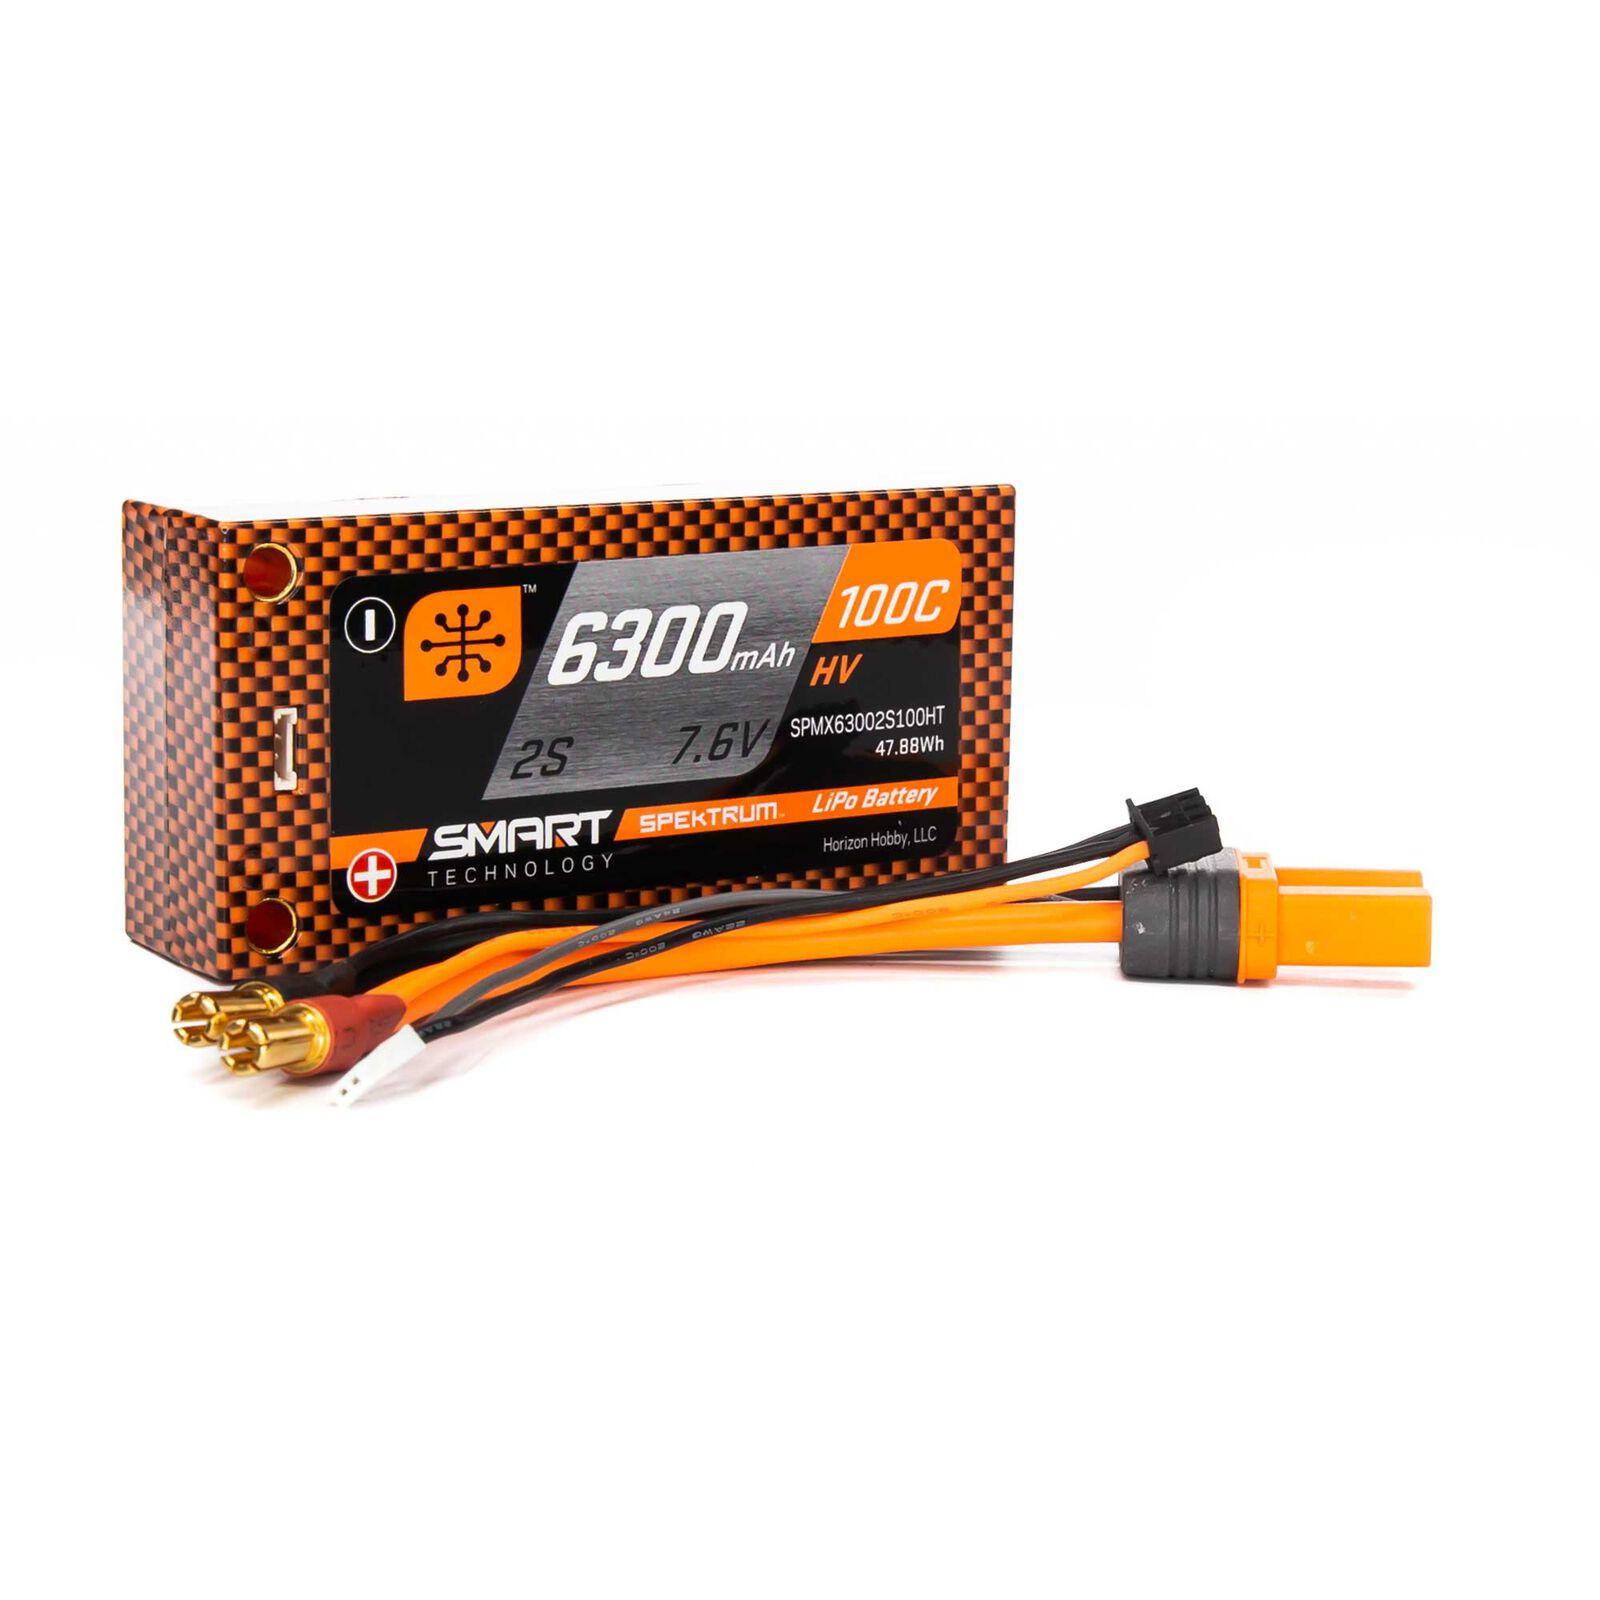 7.6V 6300mAh 2S 100C Smart Race Shorty Hardcase HV-LiPo Battery: Tubes, 5mm